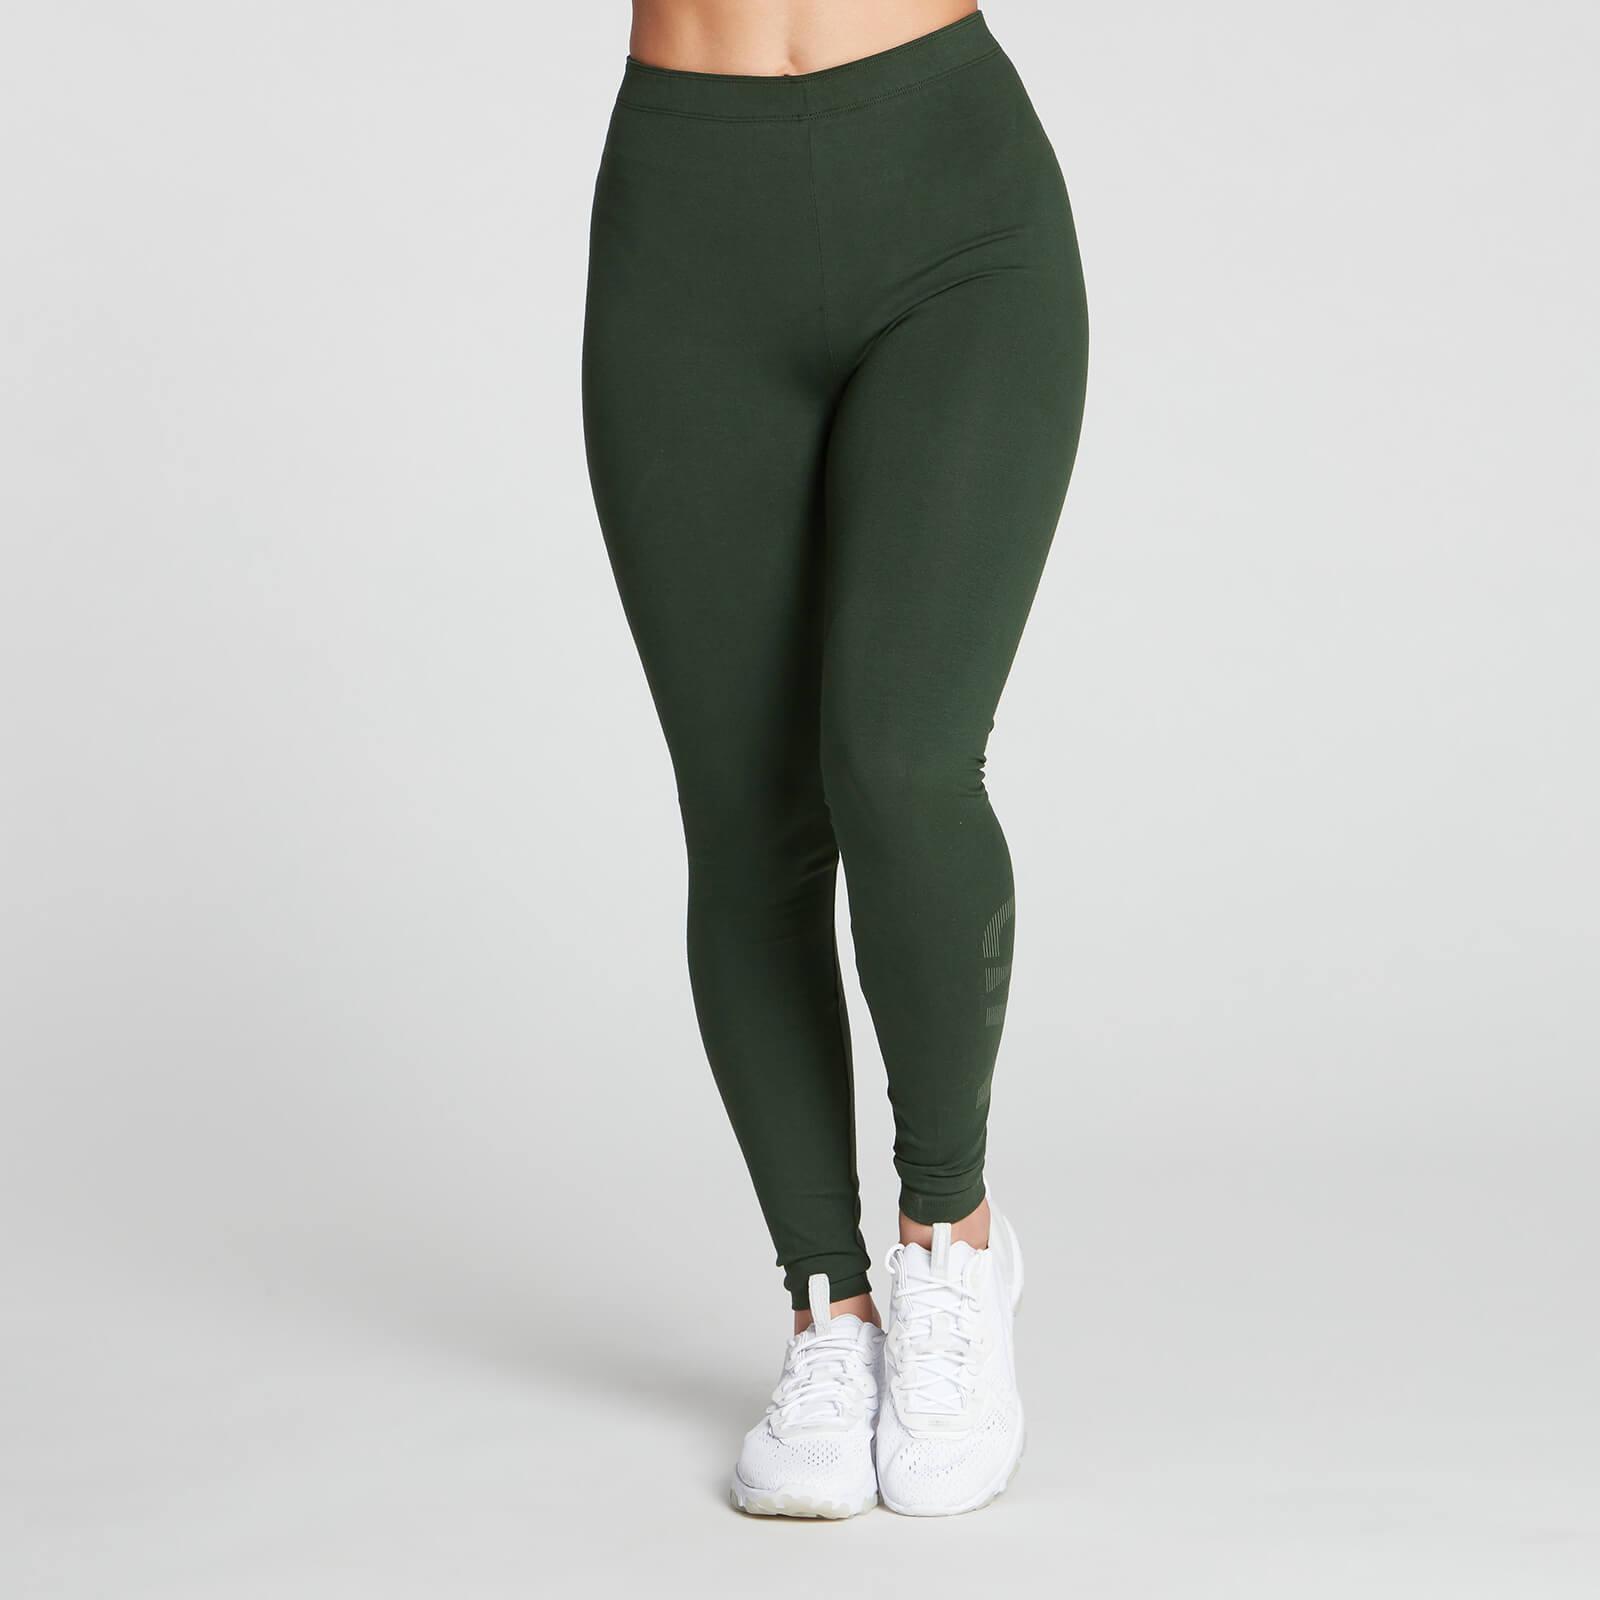 Купить MP Women's Gradient Line Graphic Legging - Dark Green - XXL, Myprotein International